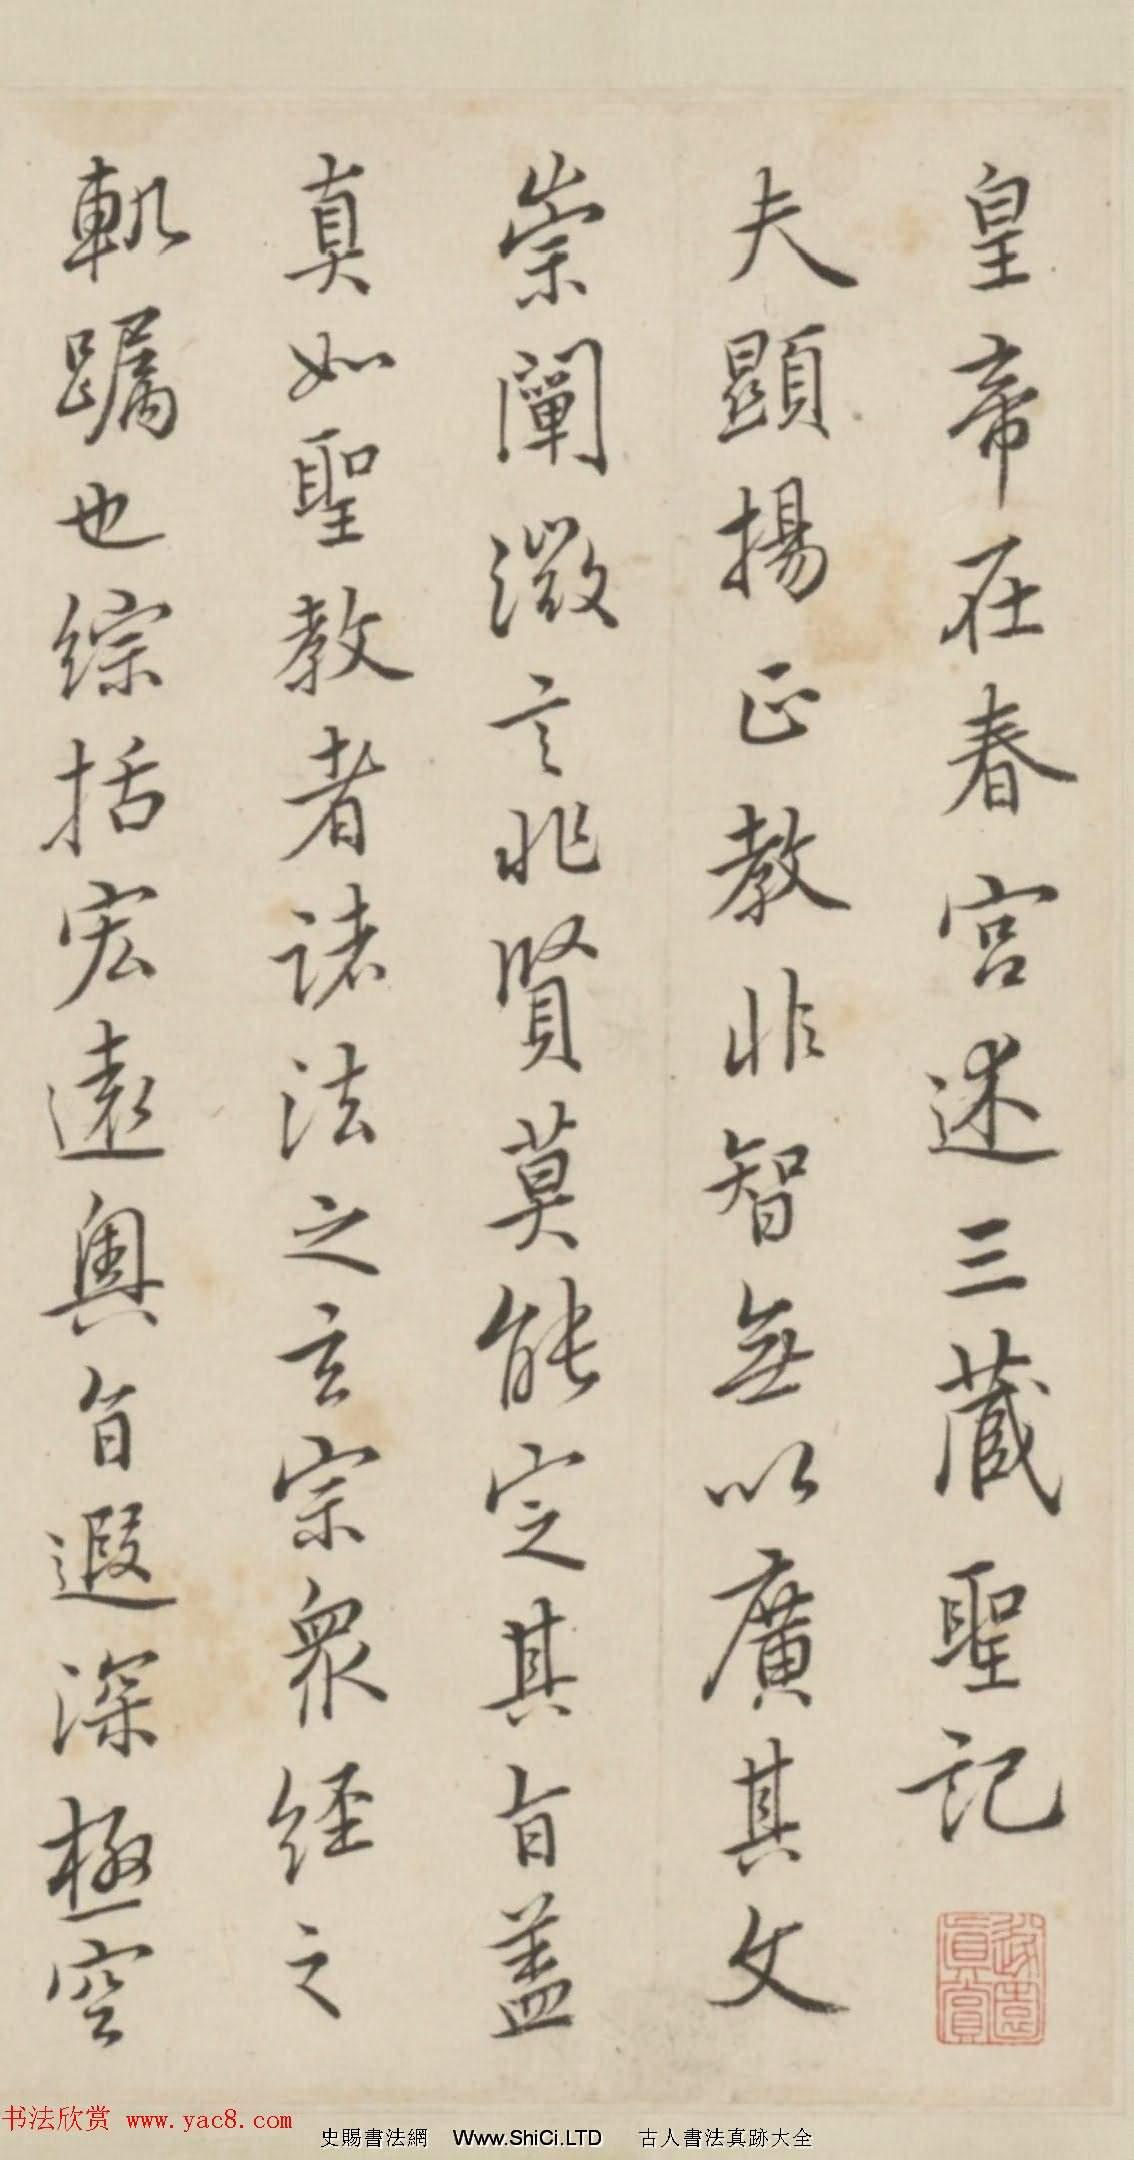 清代查嗣基行書臨聖教序卷(共23張圖片)